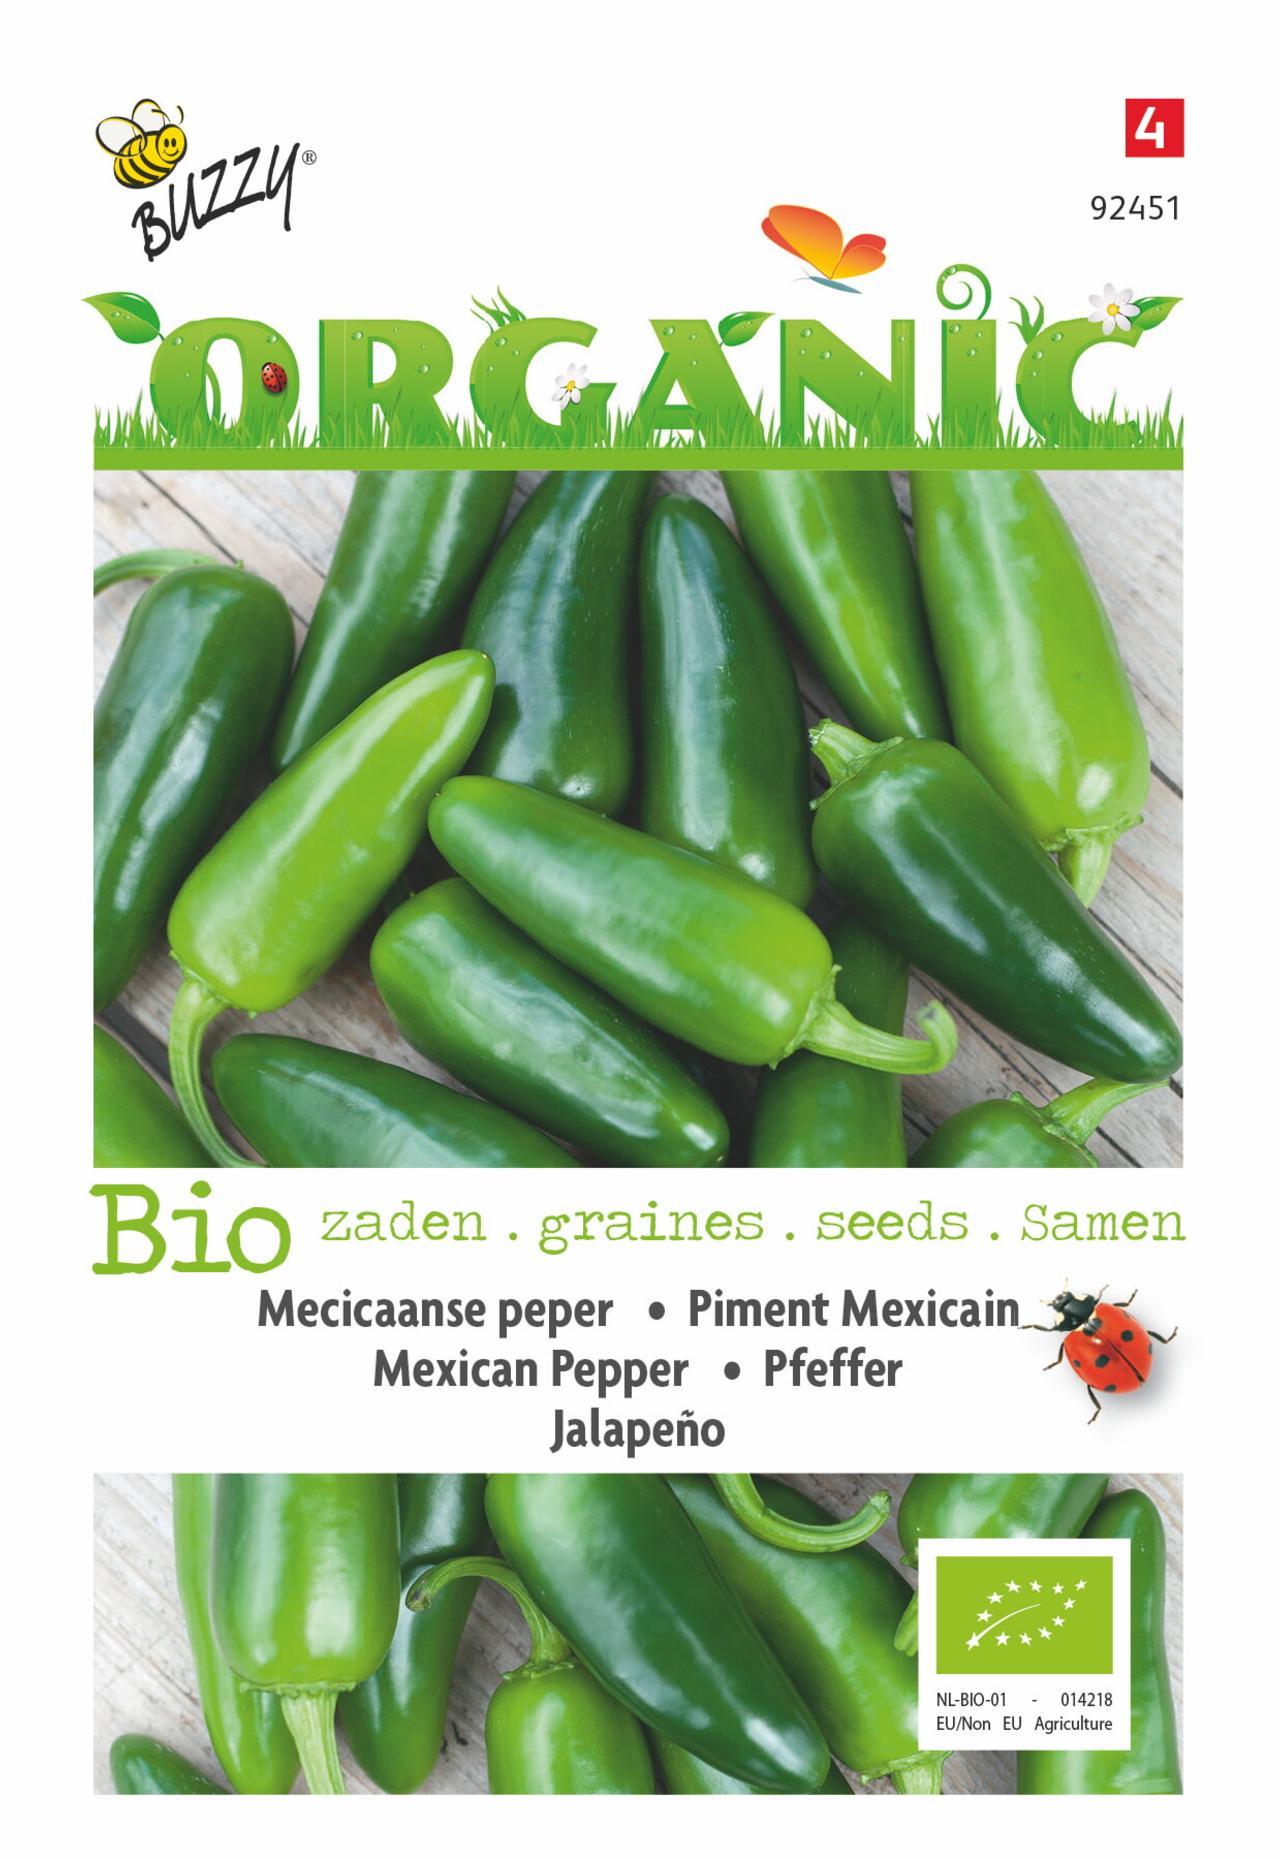 Capsicum annuum 'Jalapeno' (BIO) plant